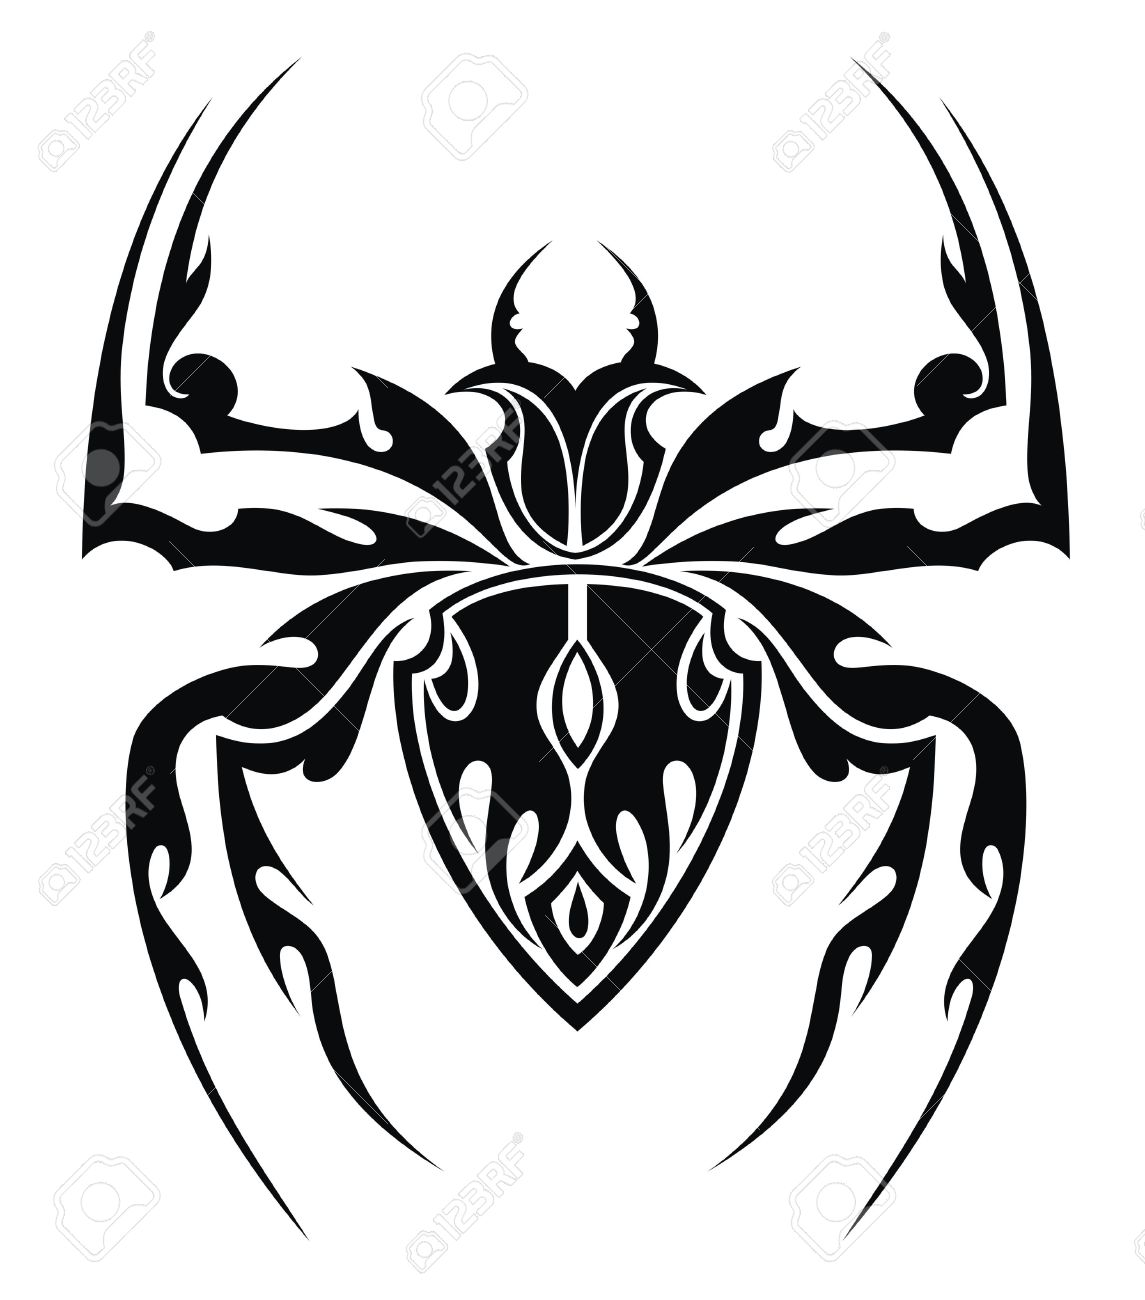 24 Mind Blowing Spider Tattoos Designs